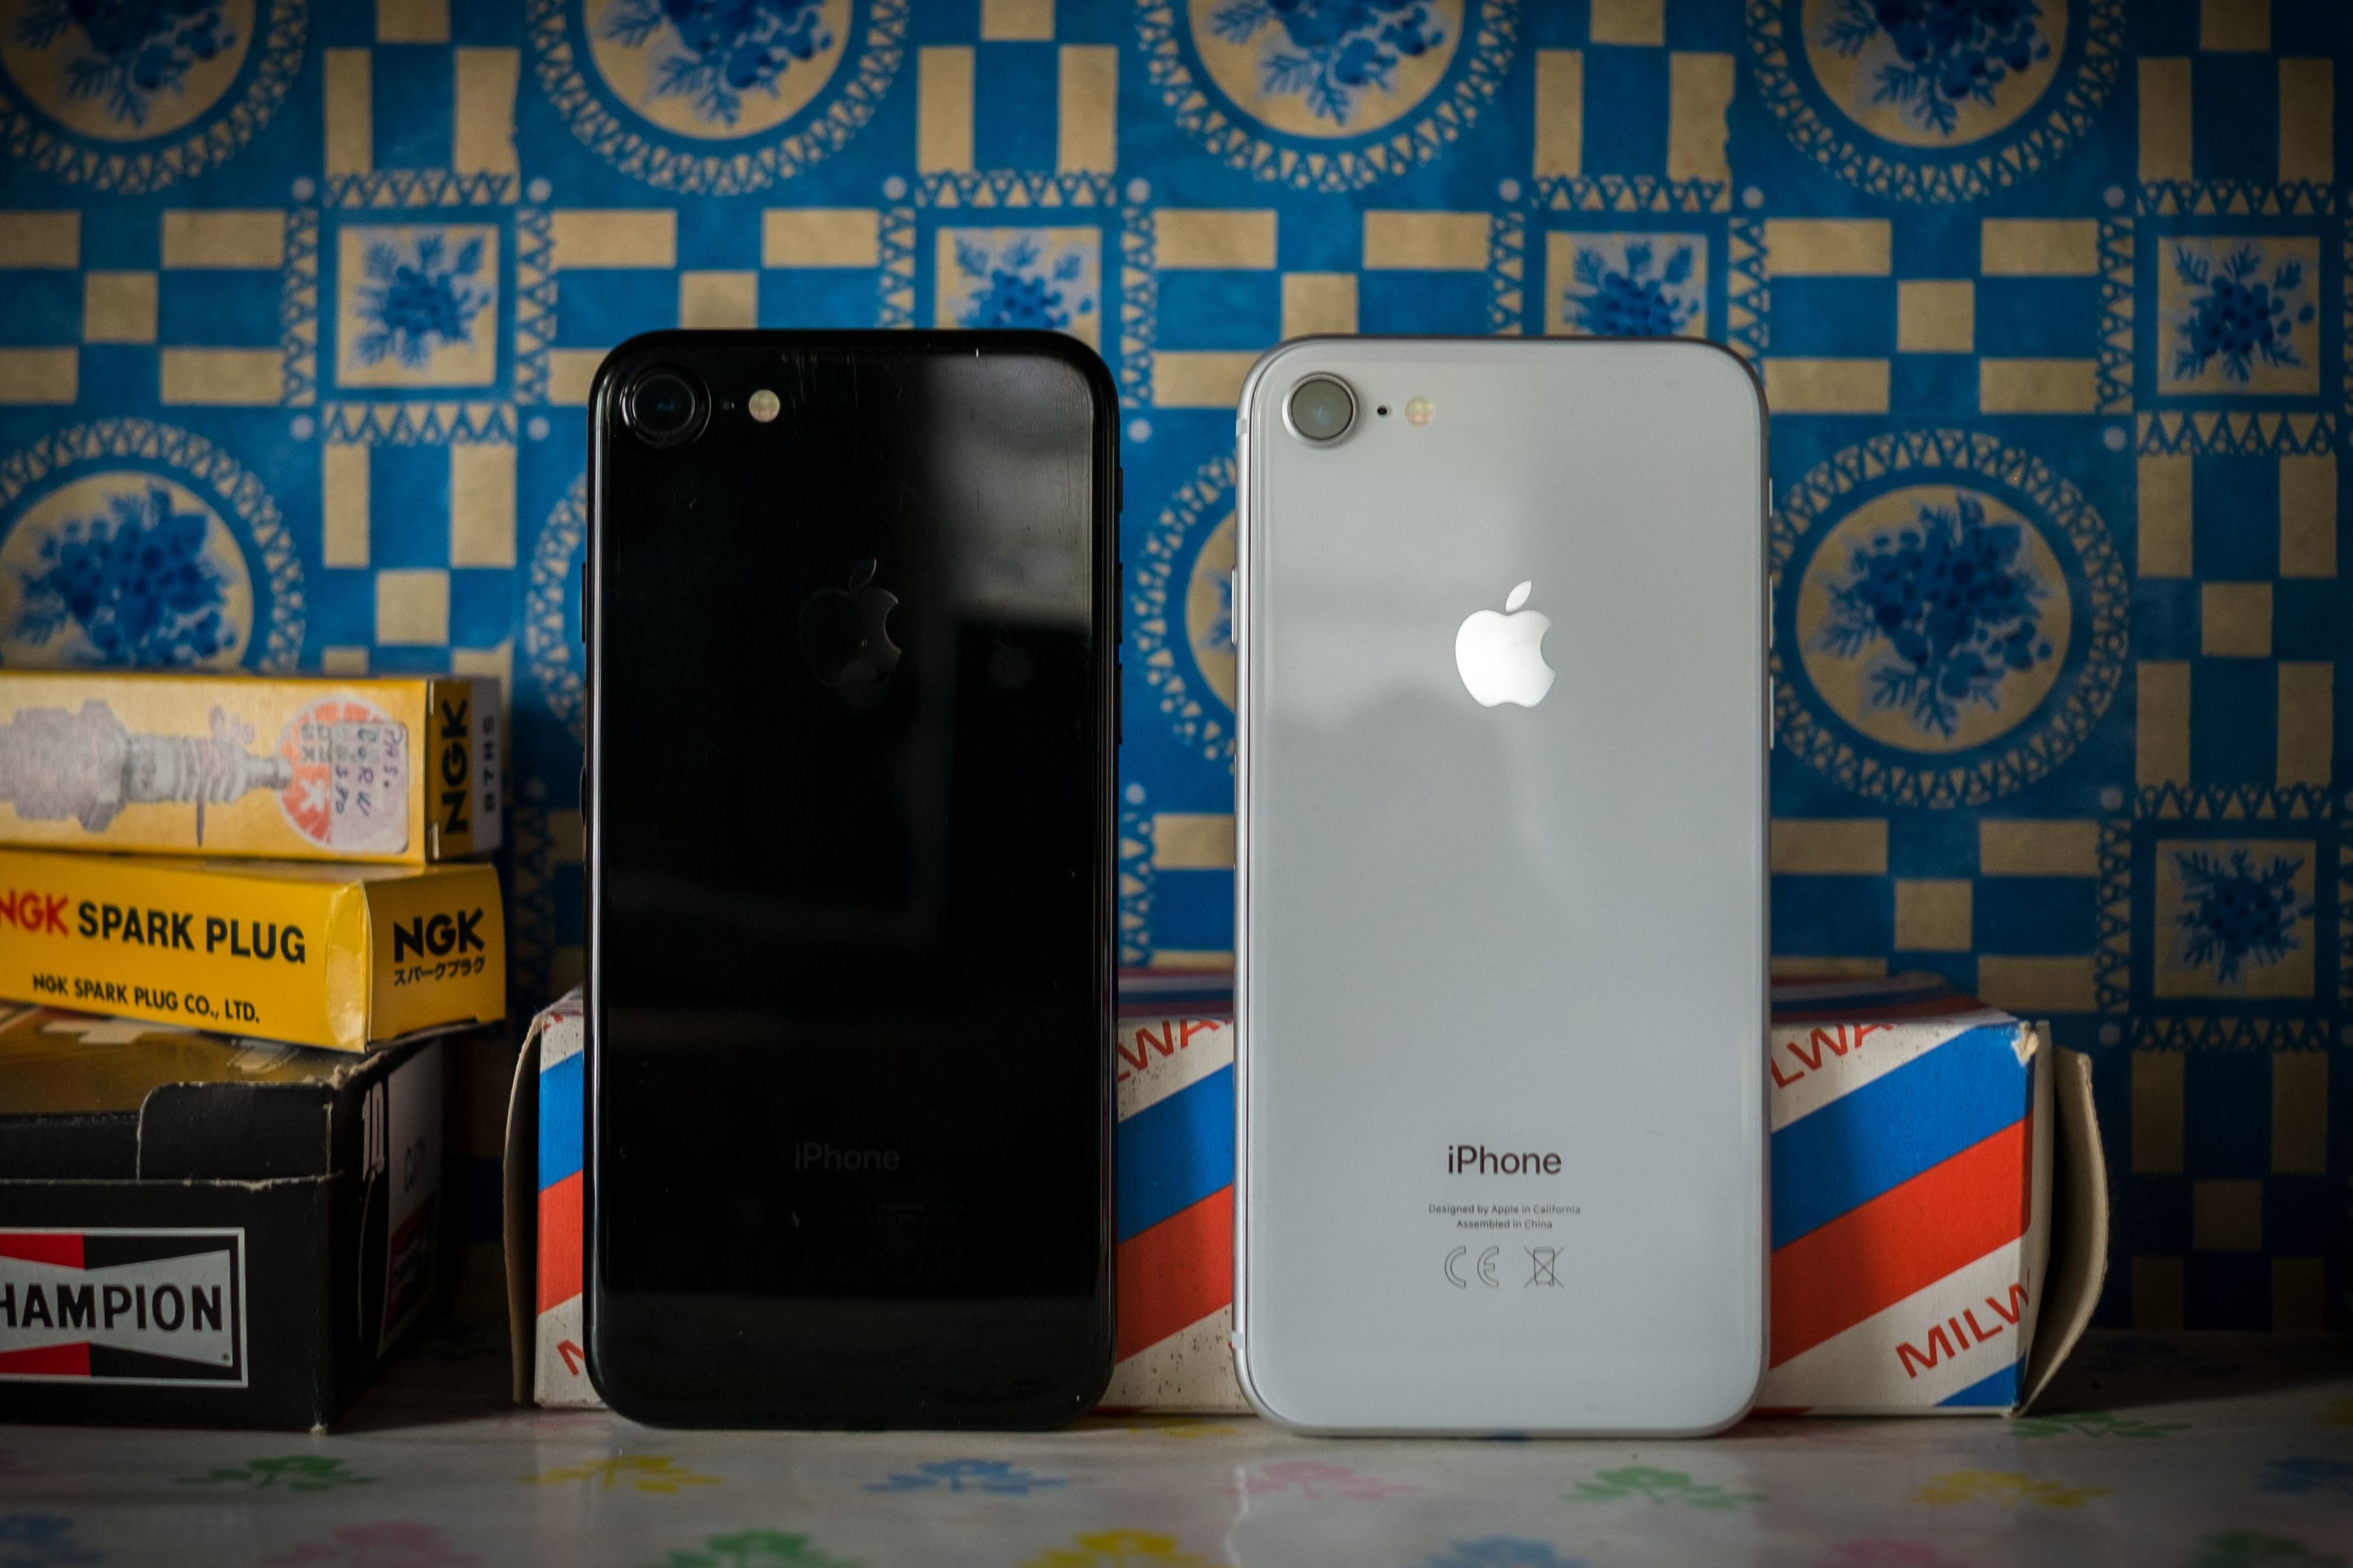 Baksiden i glass er blankere enn de i aluminium, men sammenlignet med den gagatsvarte flekkmagneten iPhone 7 så er det ikke så stor forskjell.